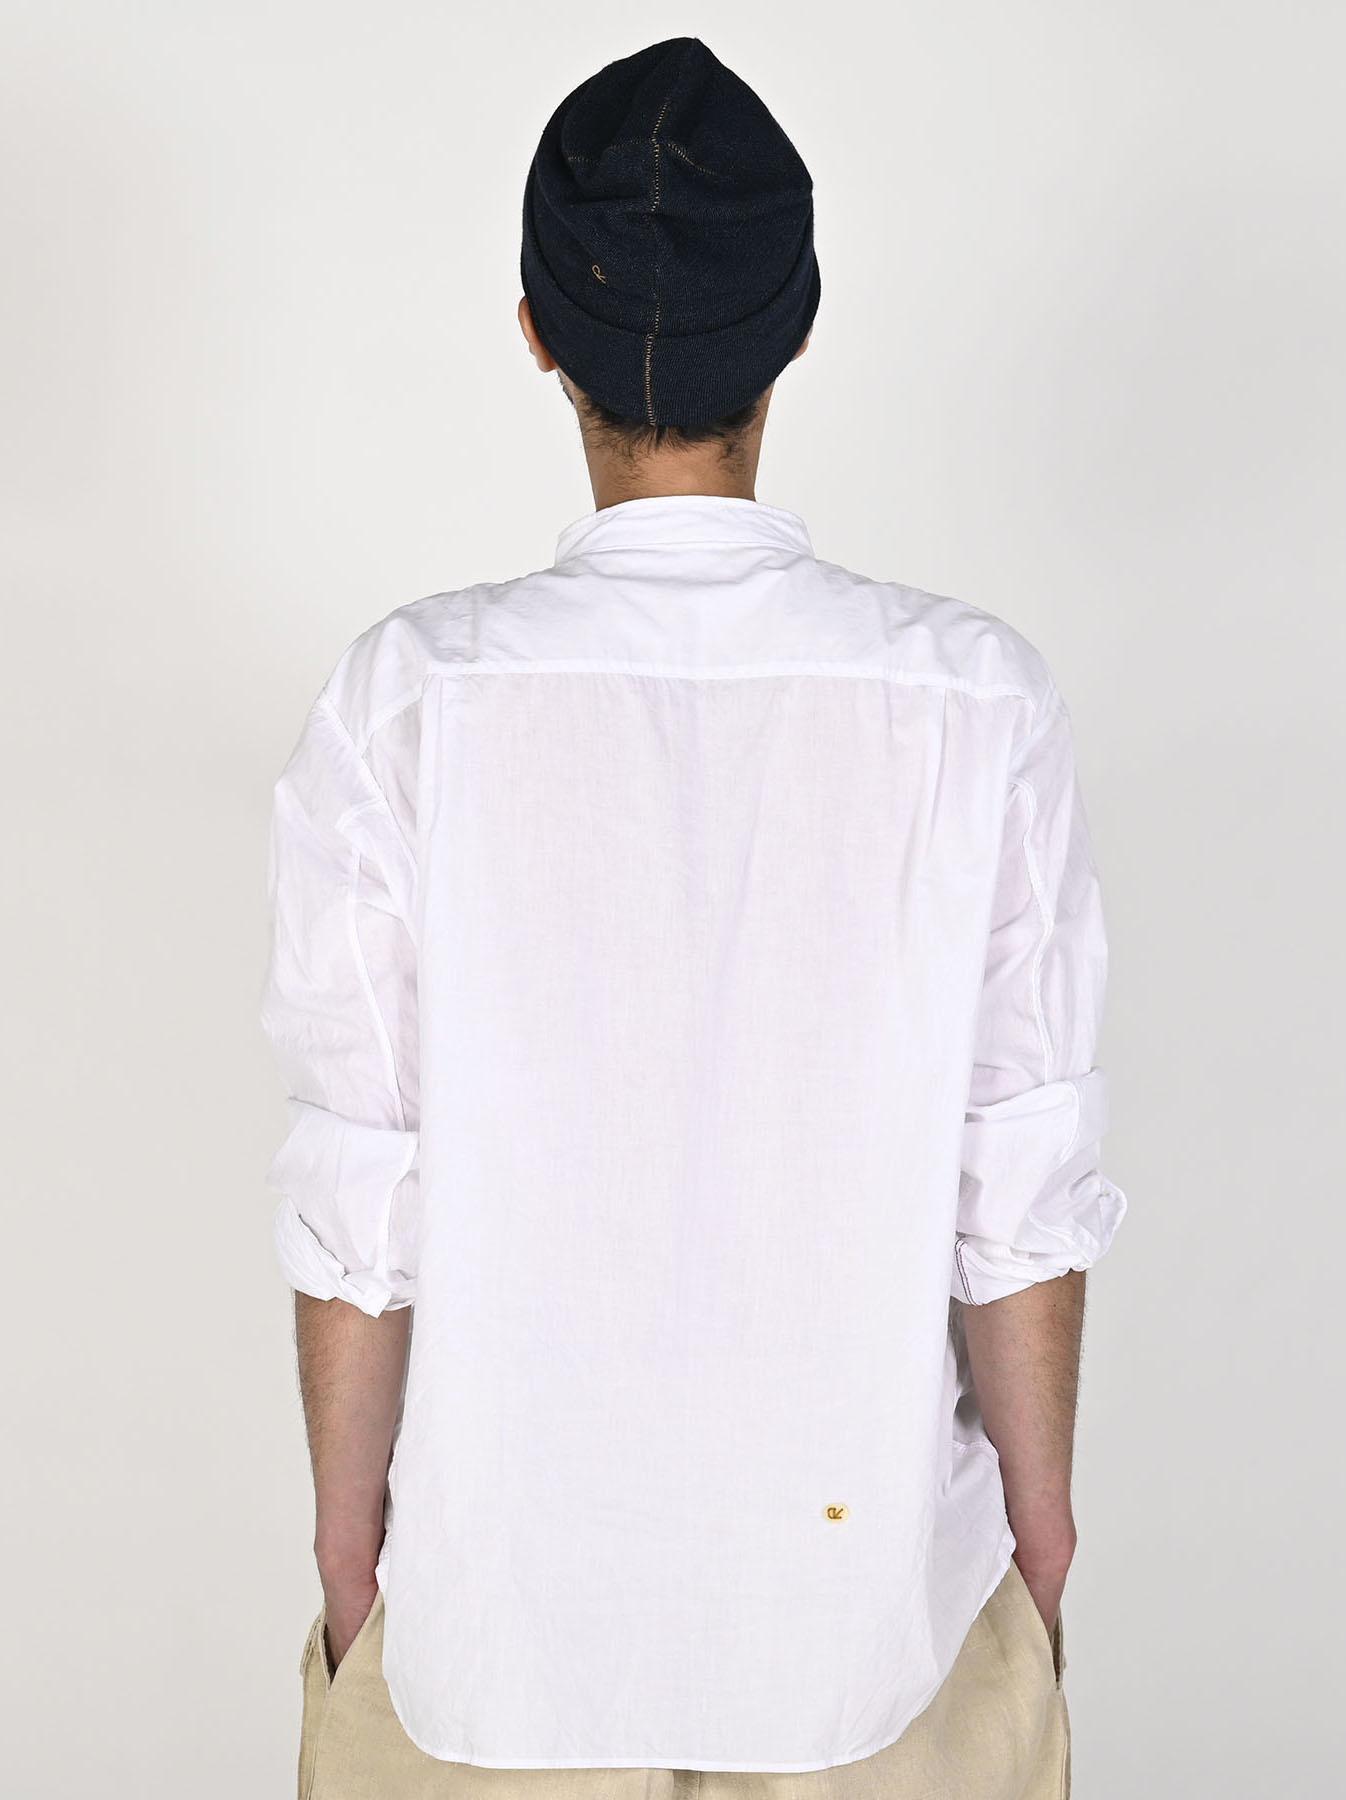 Tappet Ocean Stand Shirt-4